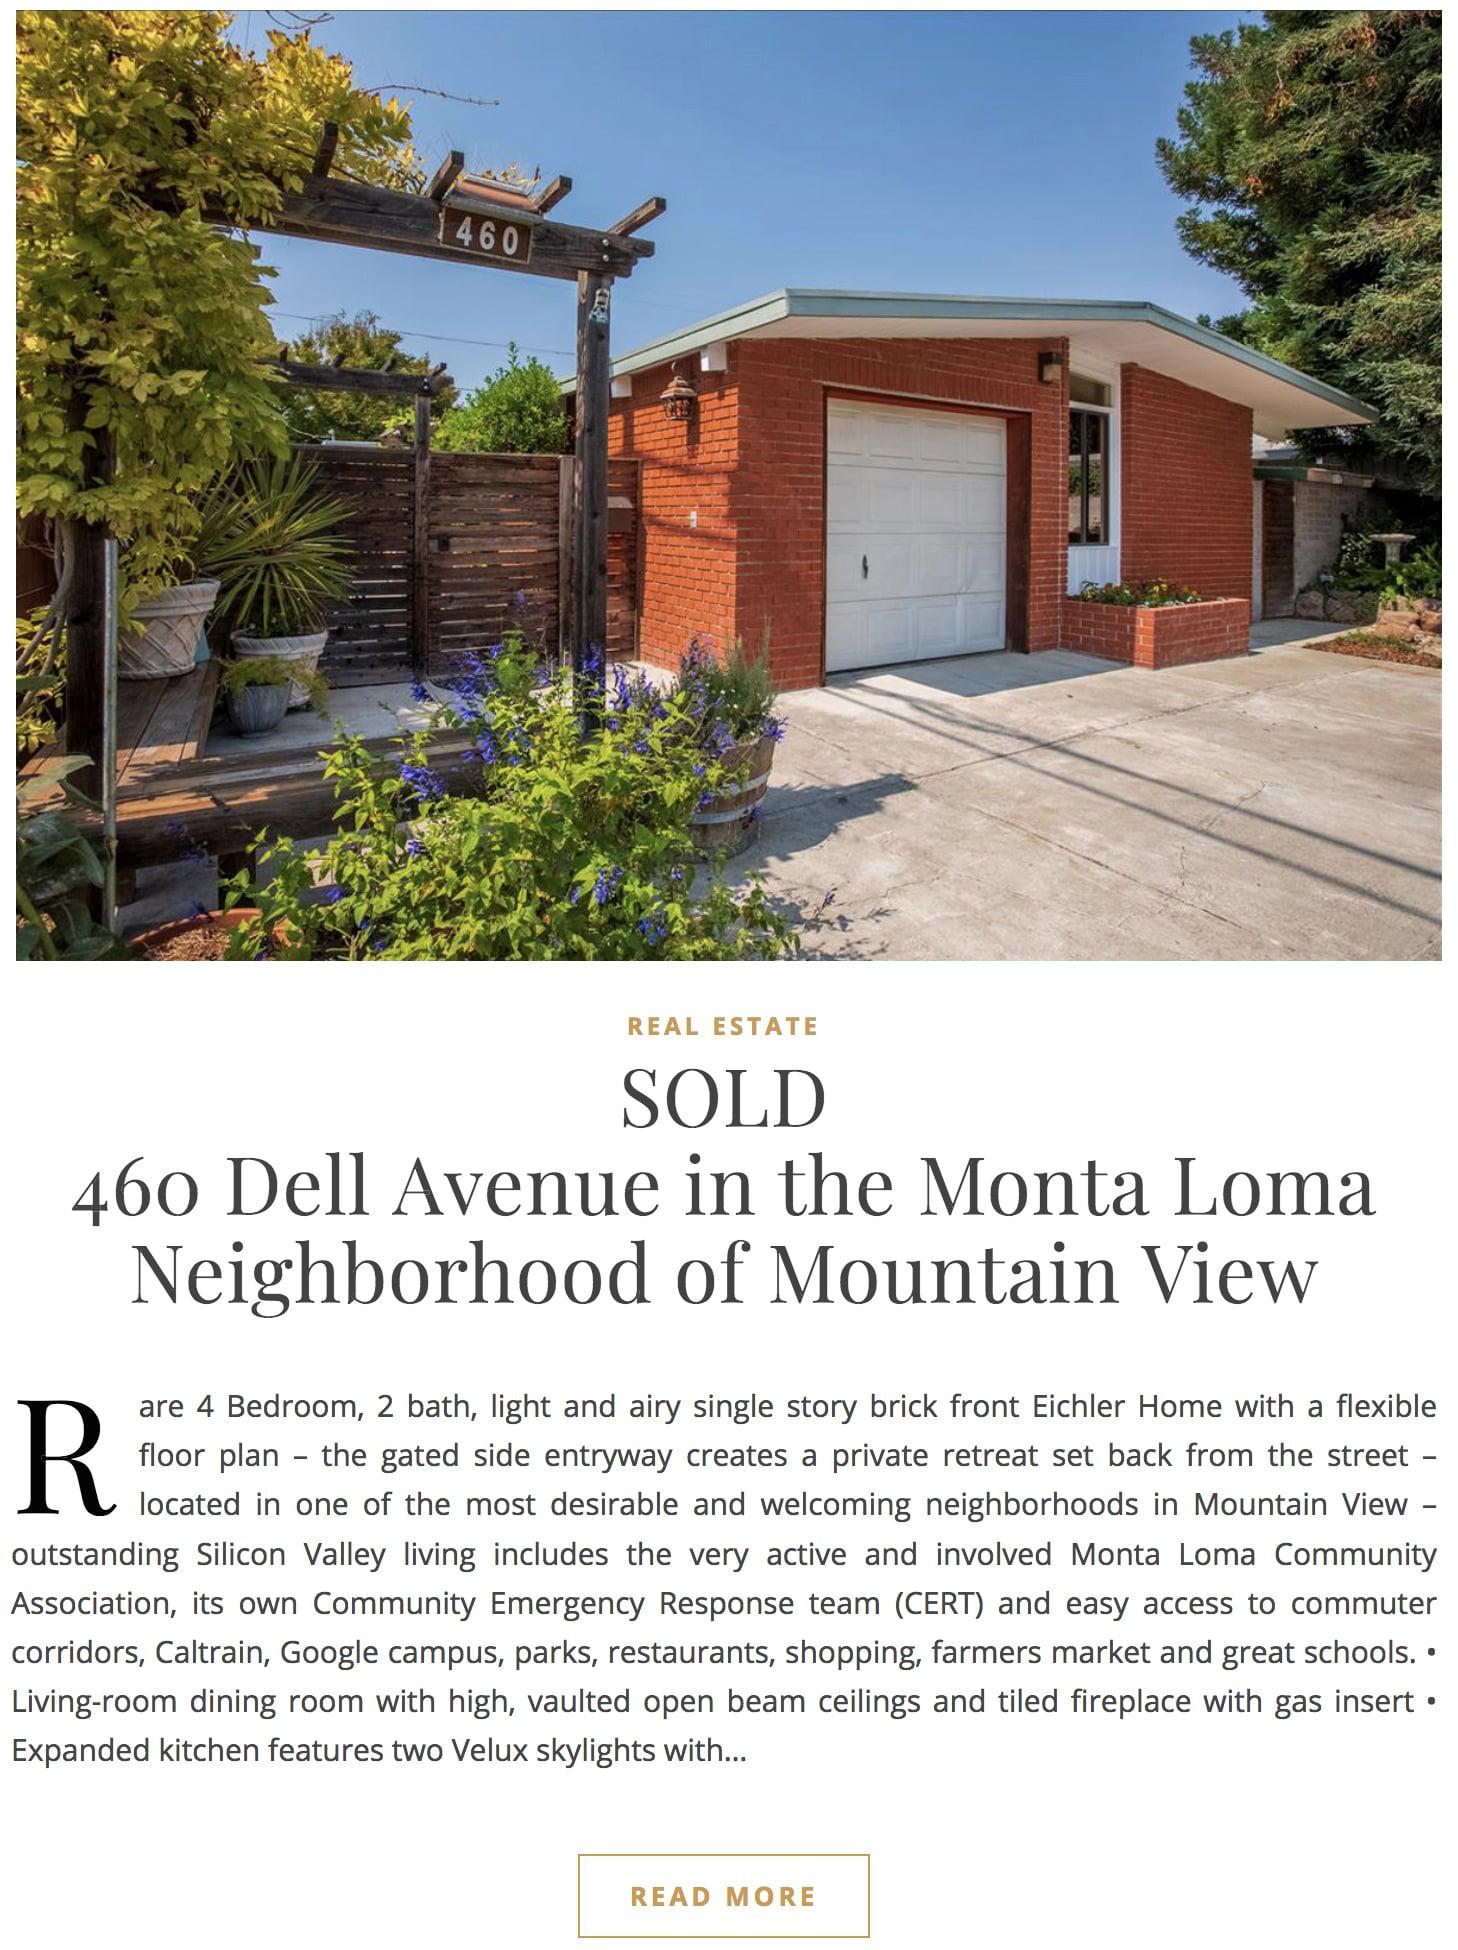 460 Dell Avenue - SOLD